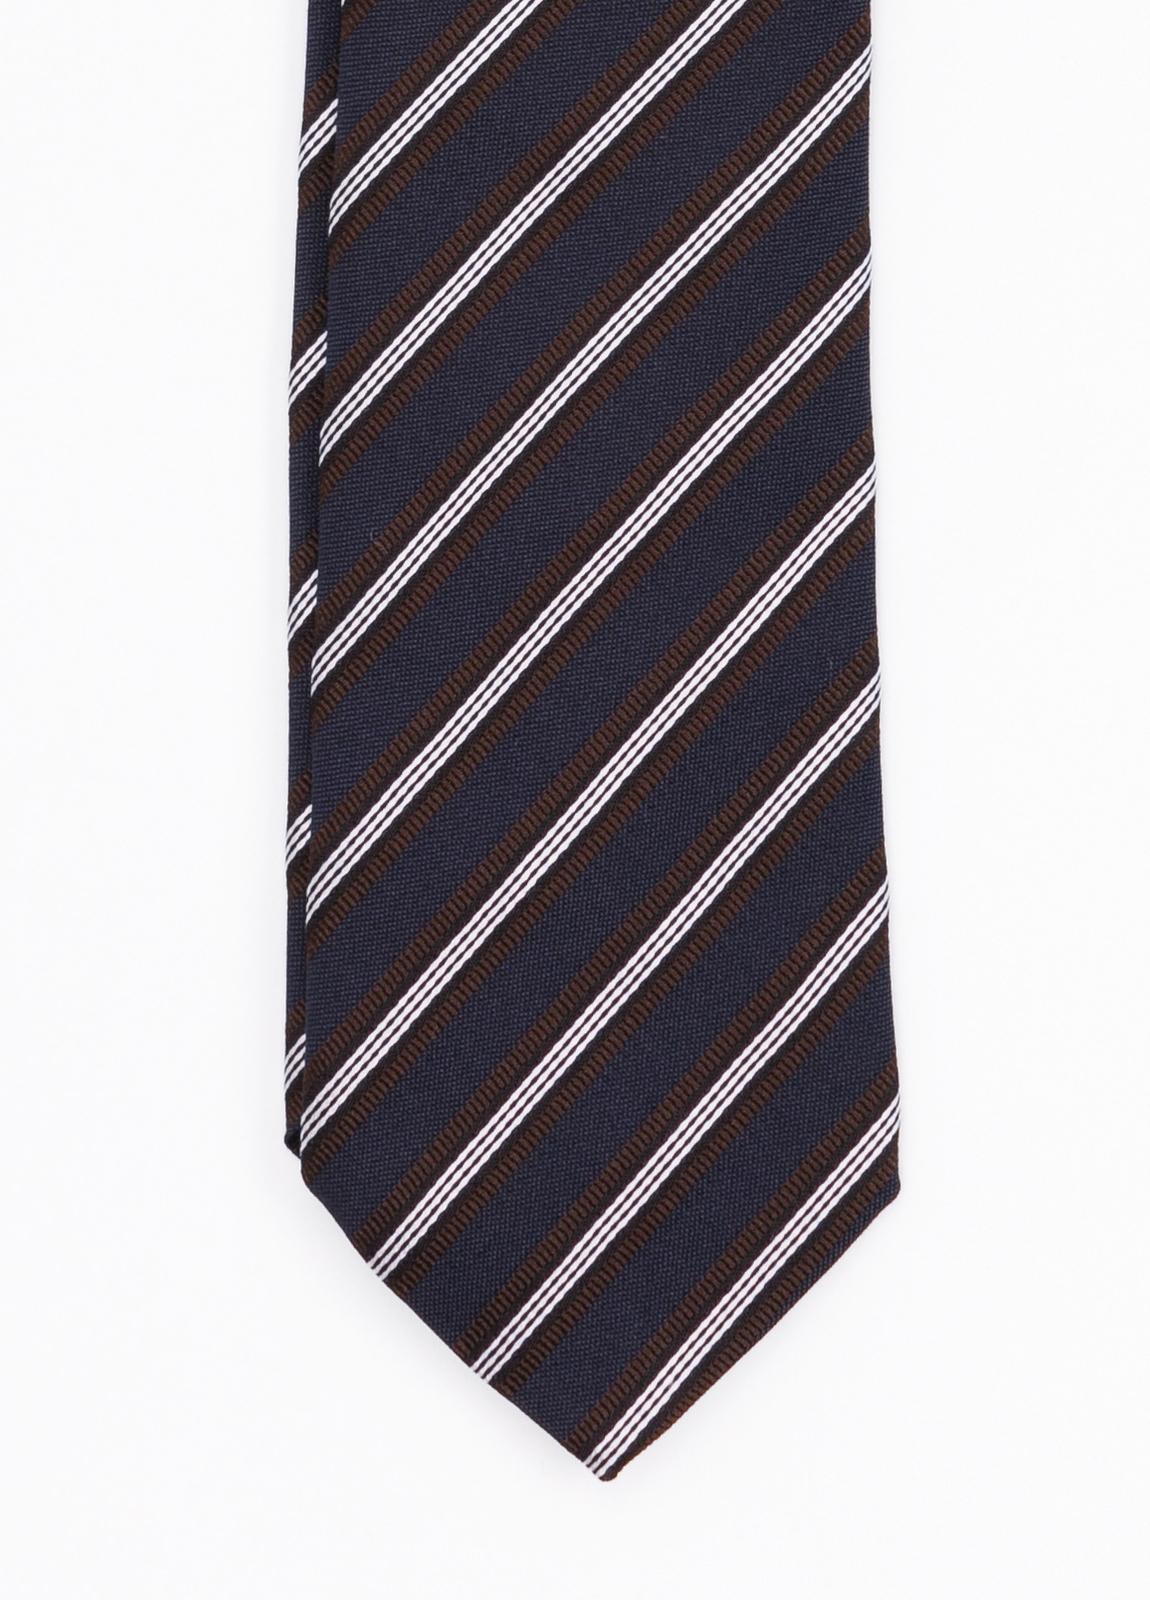 Corbata Formal Wear rayas diagonales, color azul marino. Pala 7,5 cm. Seda- Algodón.